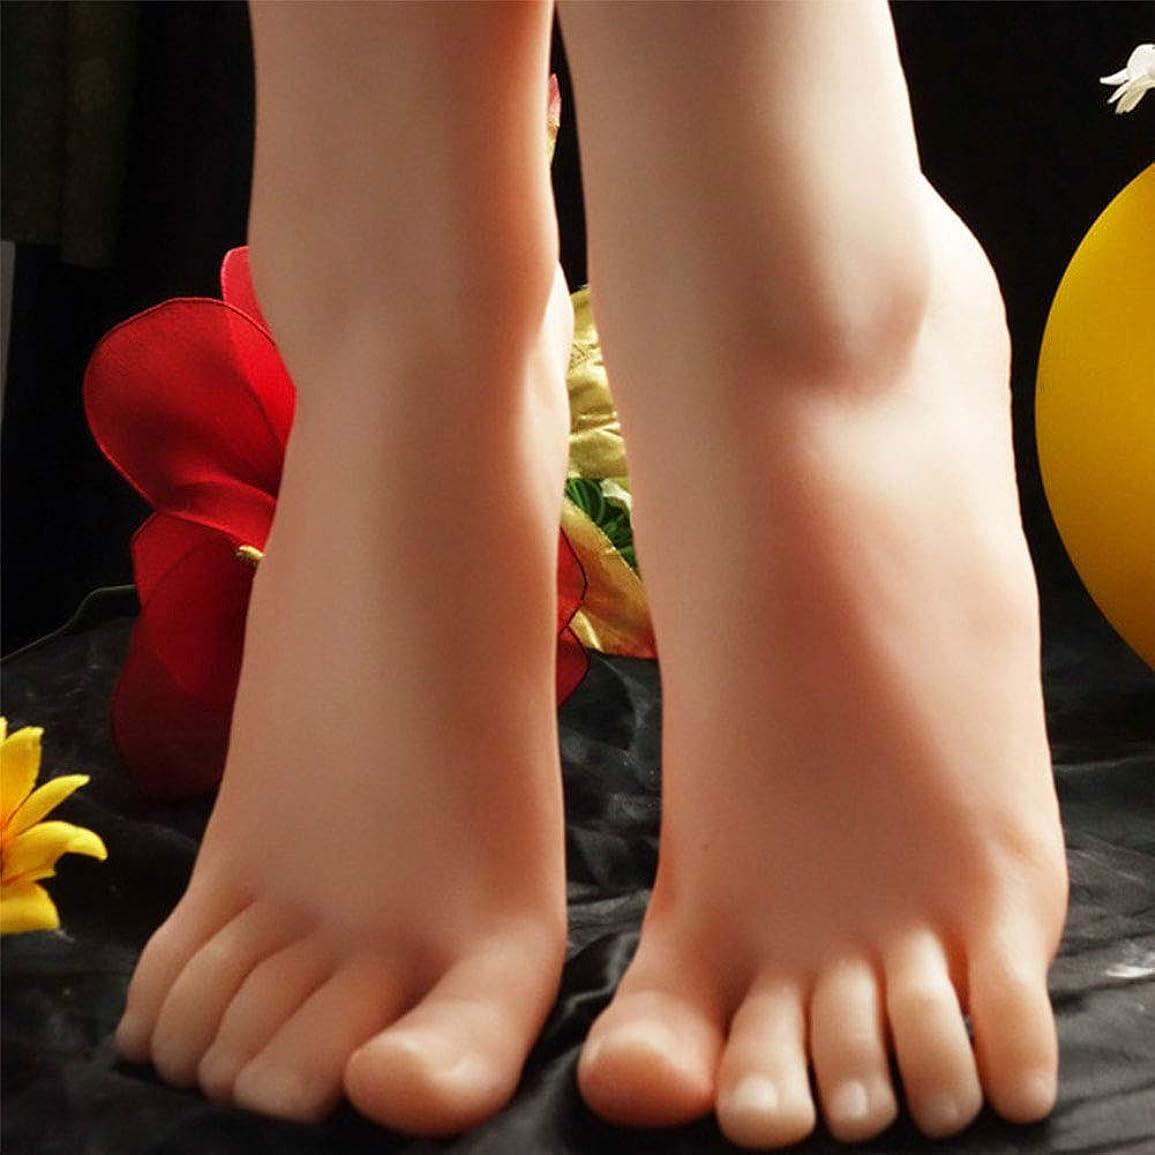 規則性処分したオーストラリアNopositionedアートスケッチ、Wheatcolor用シリコーン足モデルのLifeSize女性のフェイクマネキン、